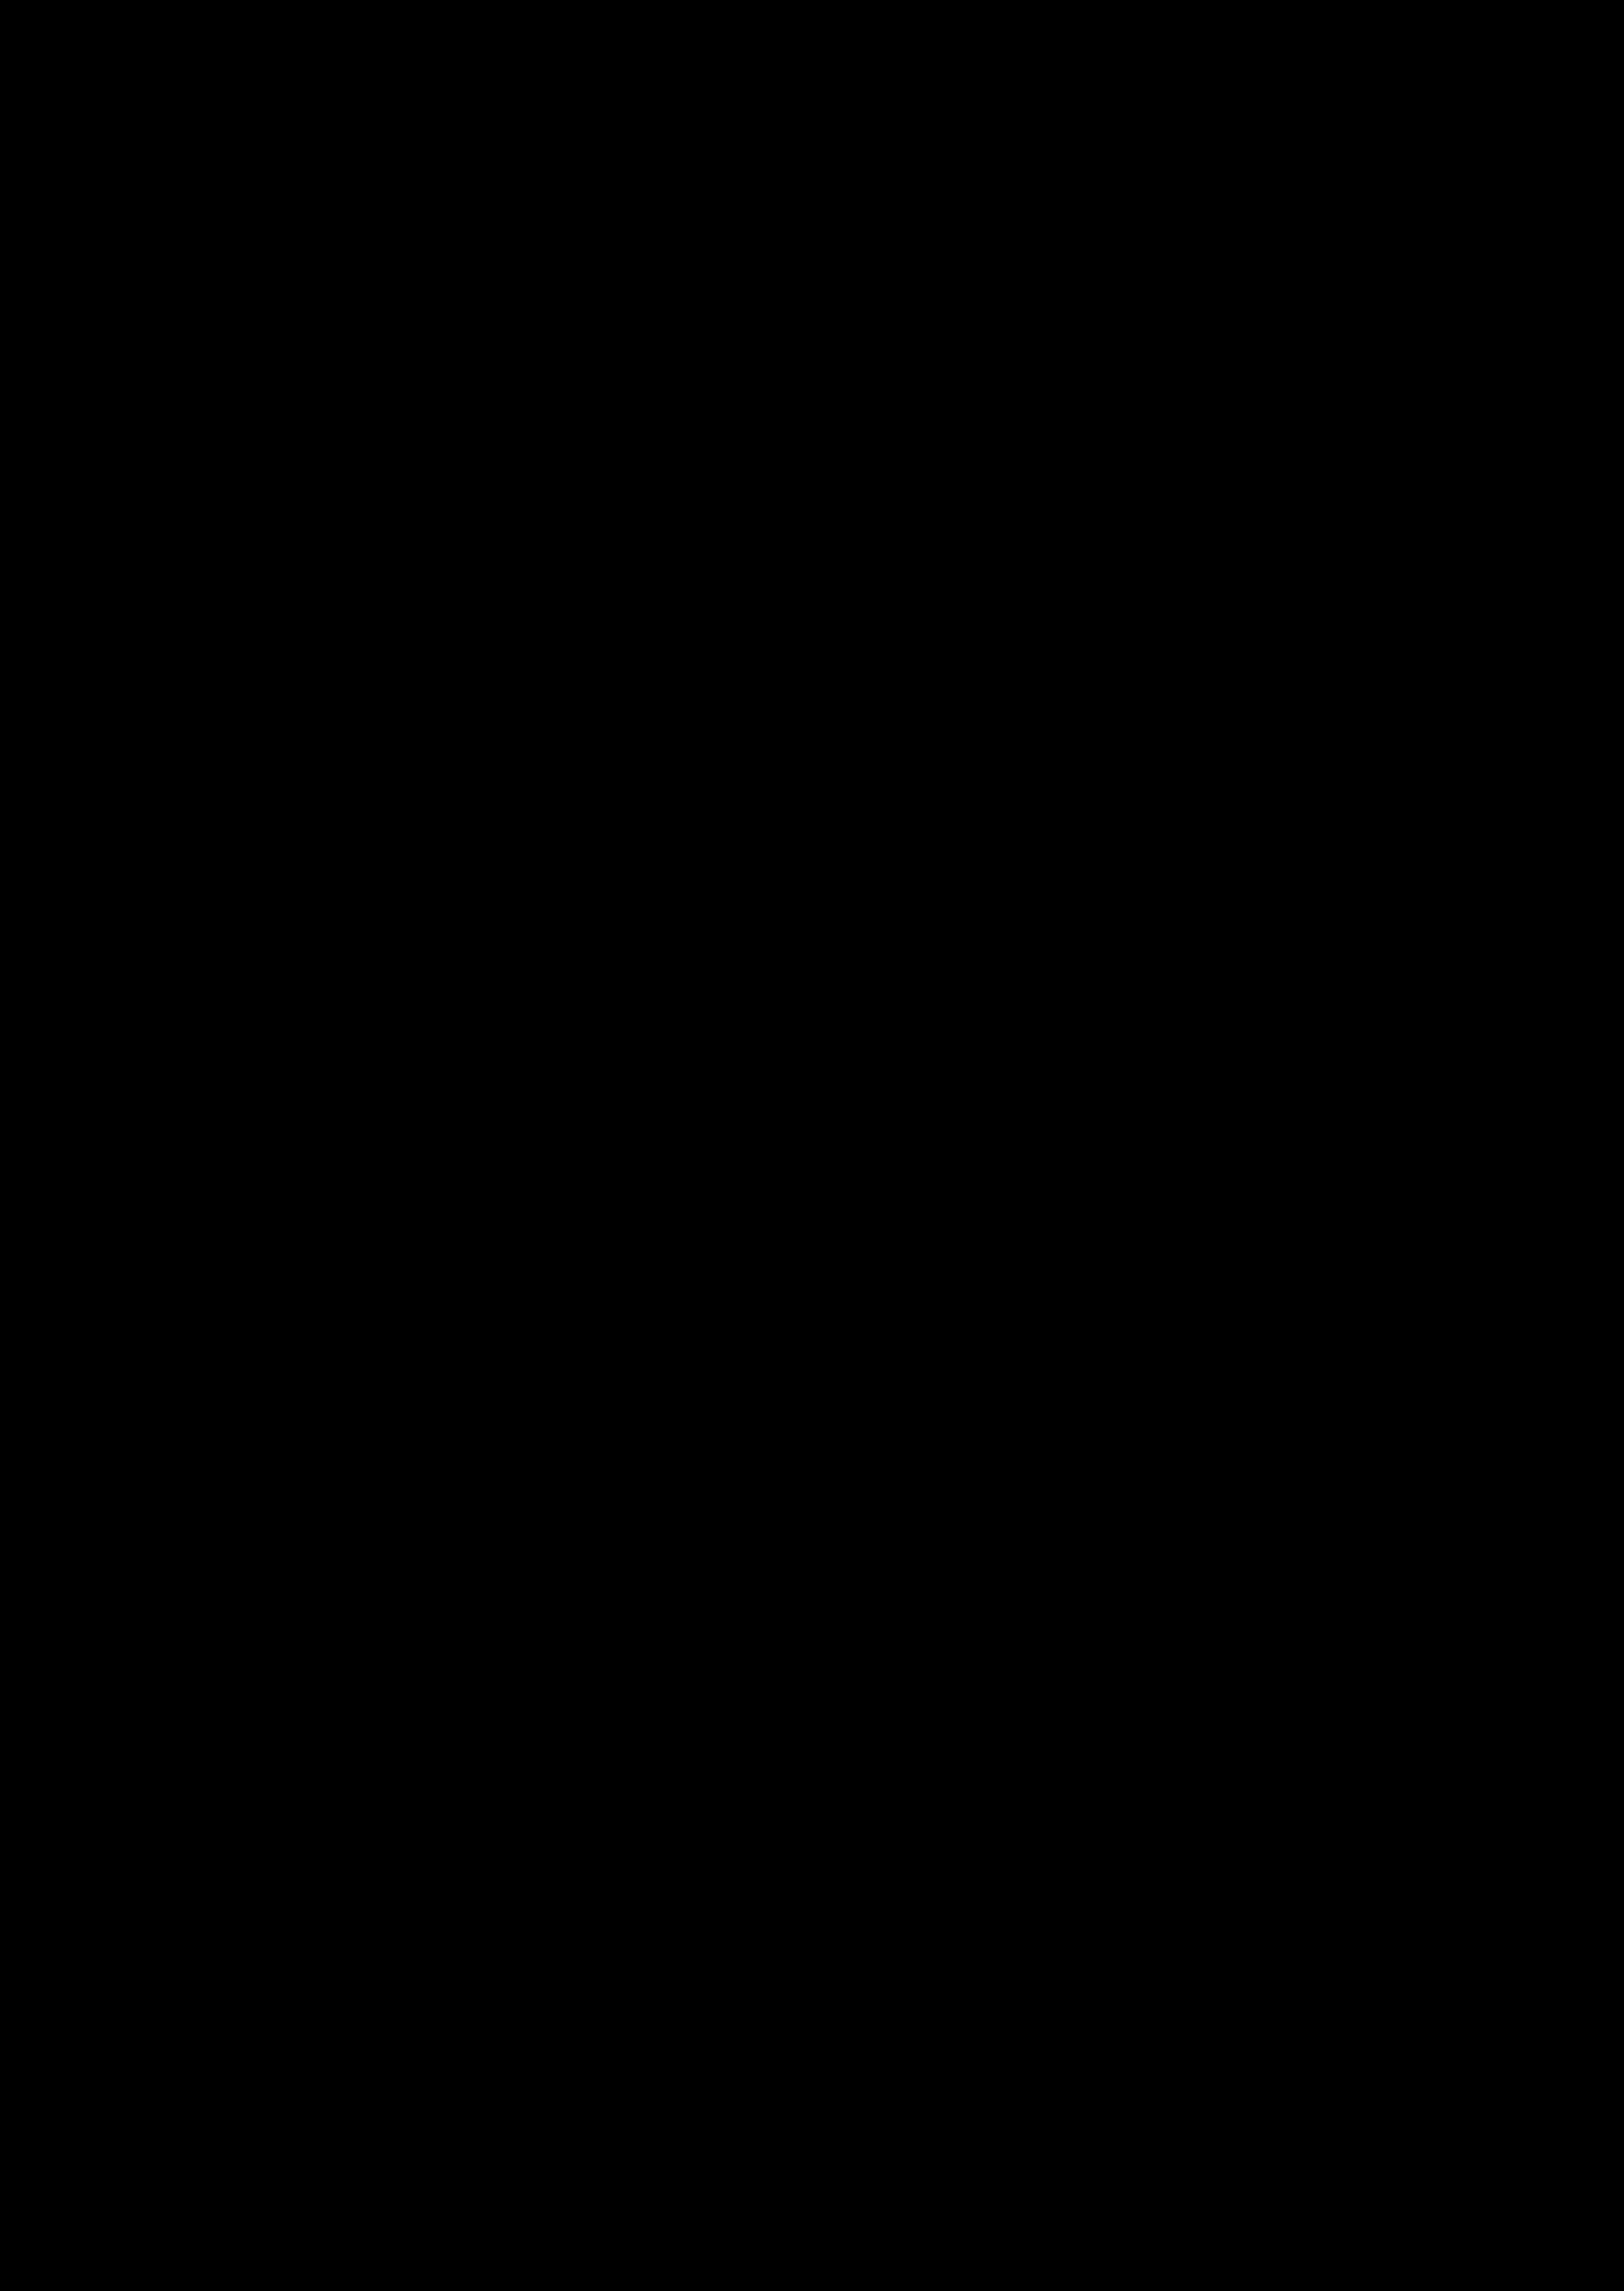 Apple AirPods Şarj Yuvası tutucu masaüstü aparat kutu